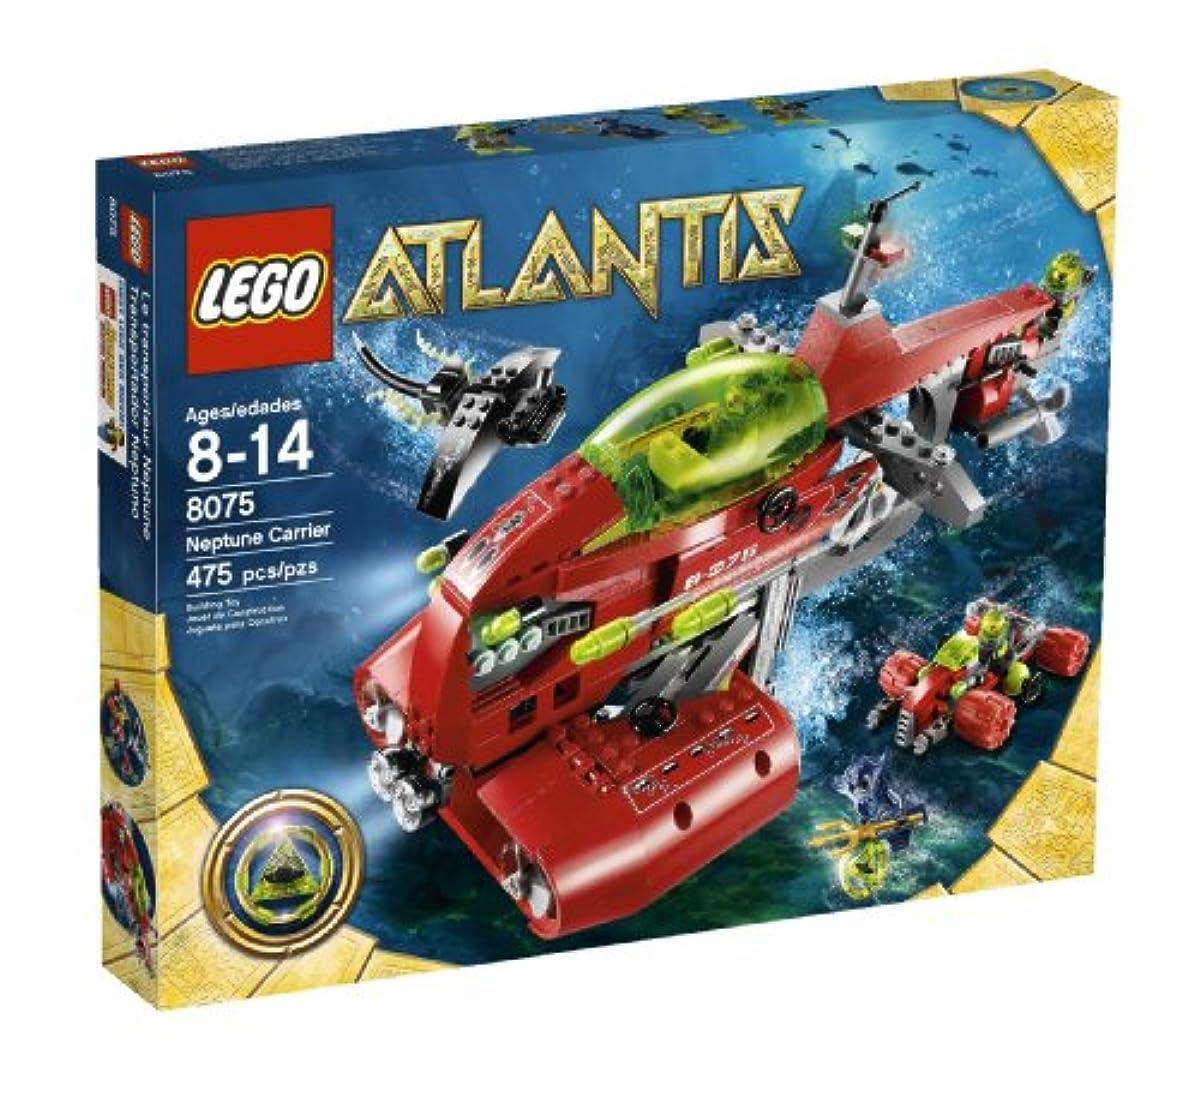 [해외] LEGO ATLANTIS NEPTUNE CARRIER (8075)